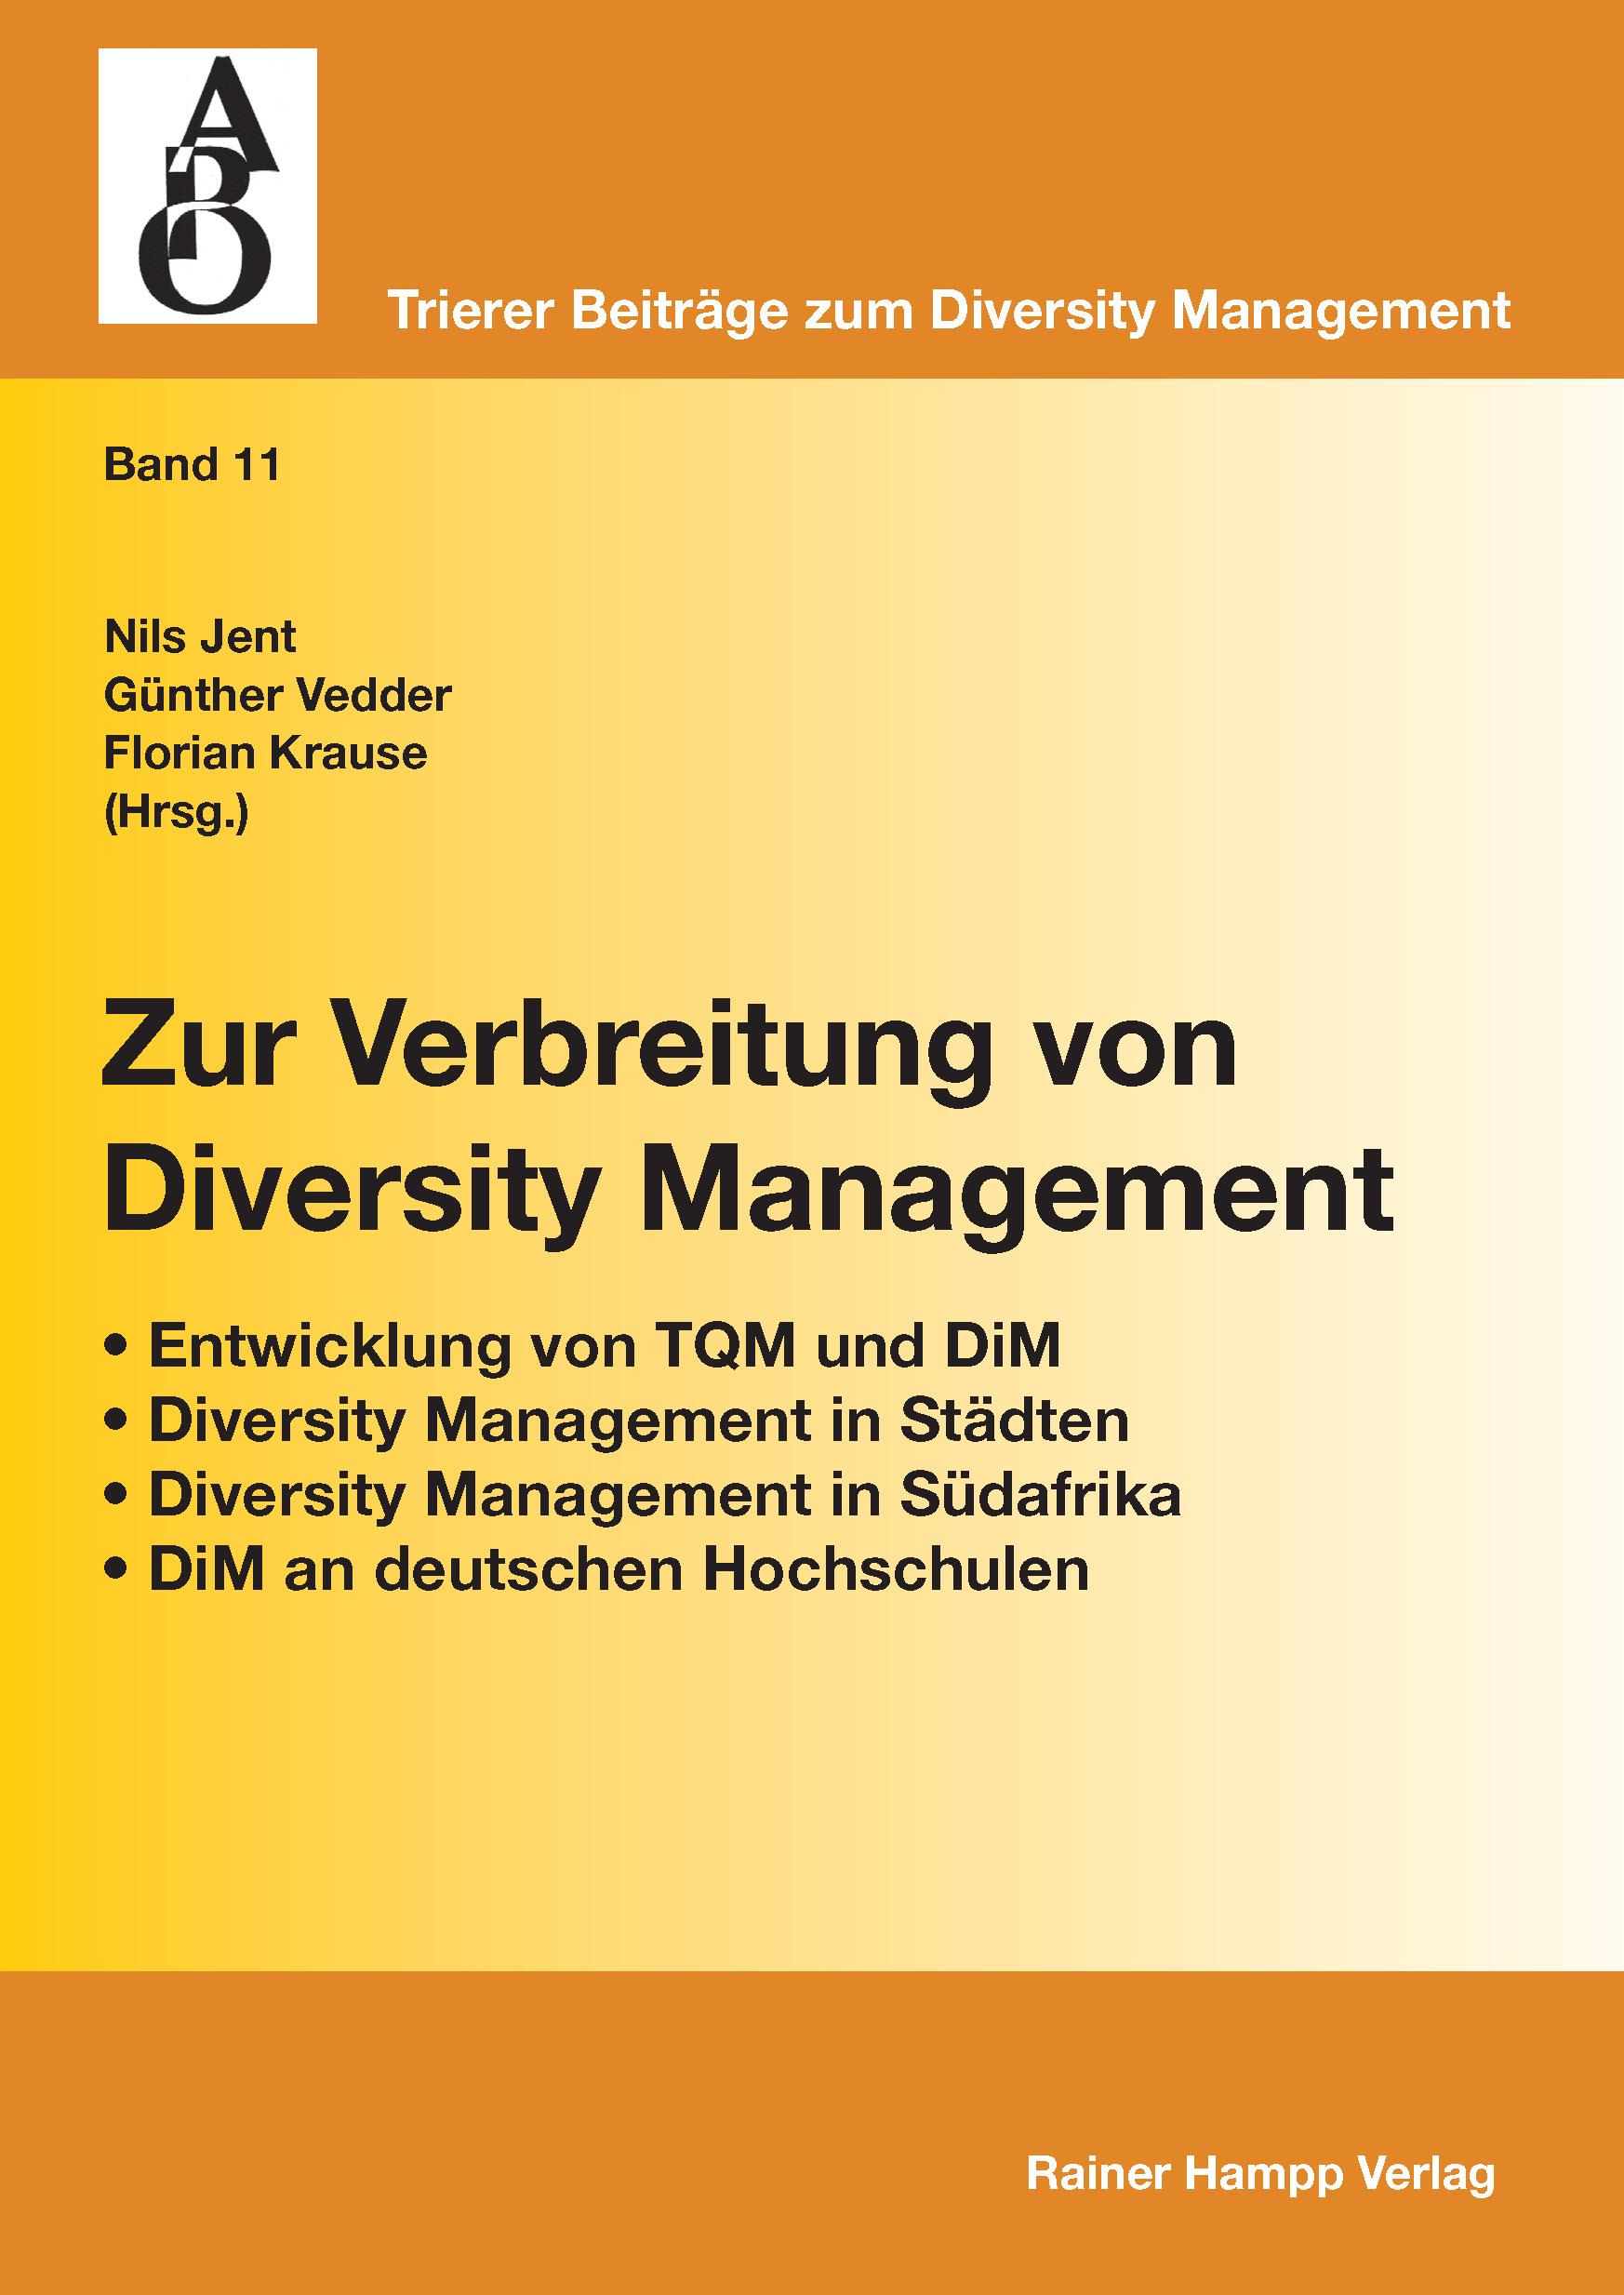 Zur Verbreitung von Diversity Management: - Entwicklung von TQM und DiM - Diversity Management in Städten - Diversity Management in Südafrika - DiM an deutschen Hochschulen